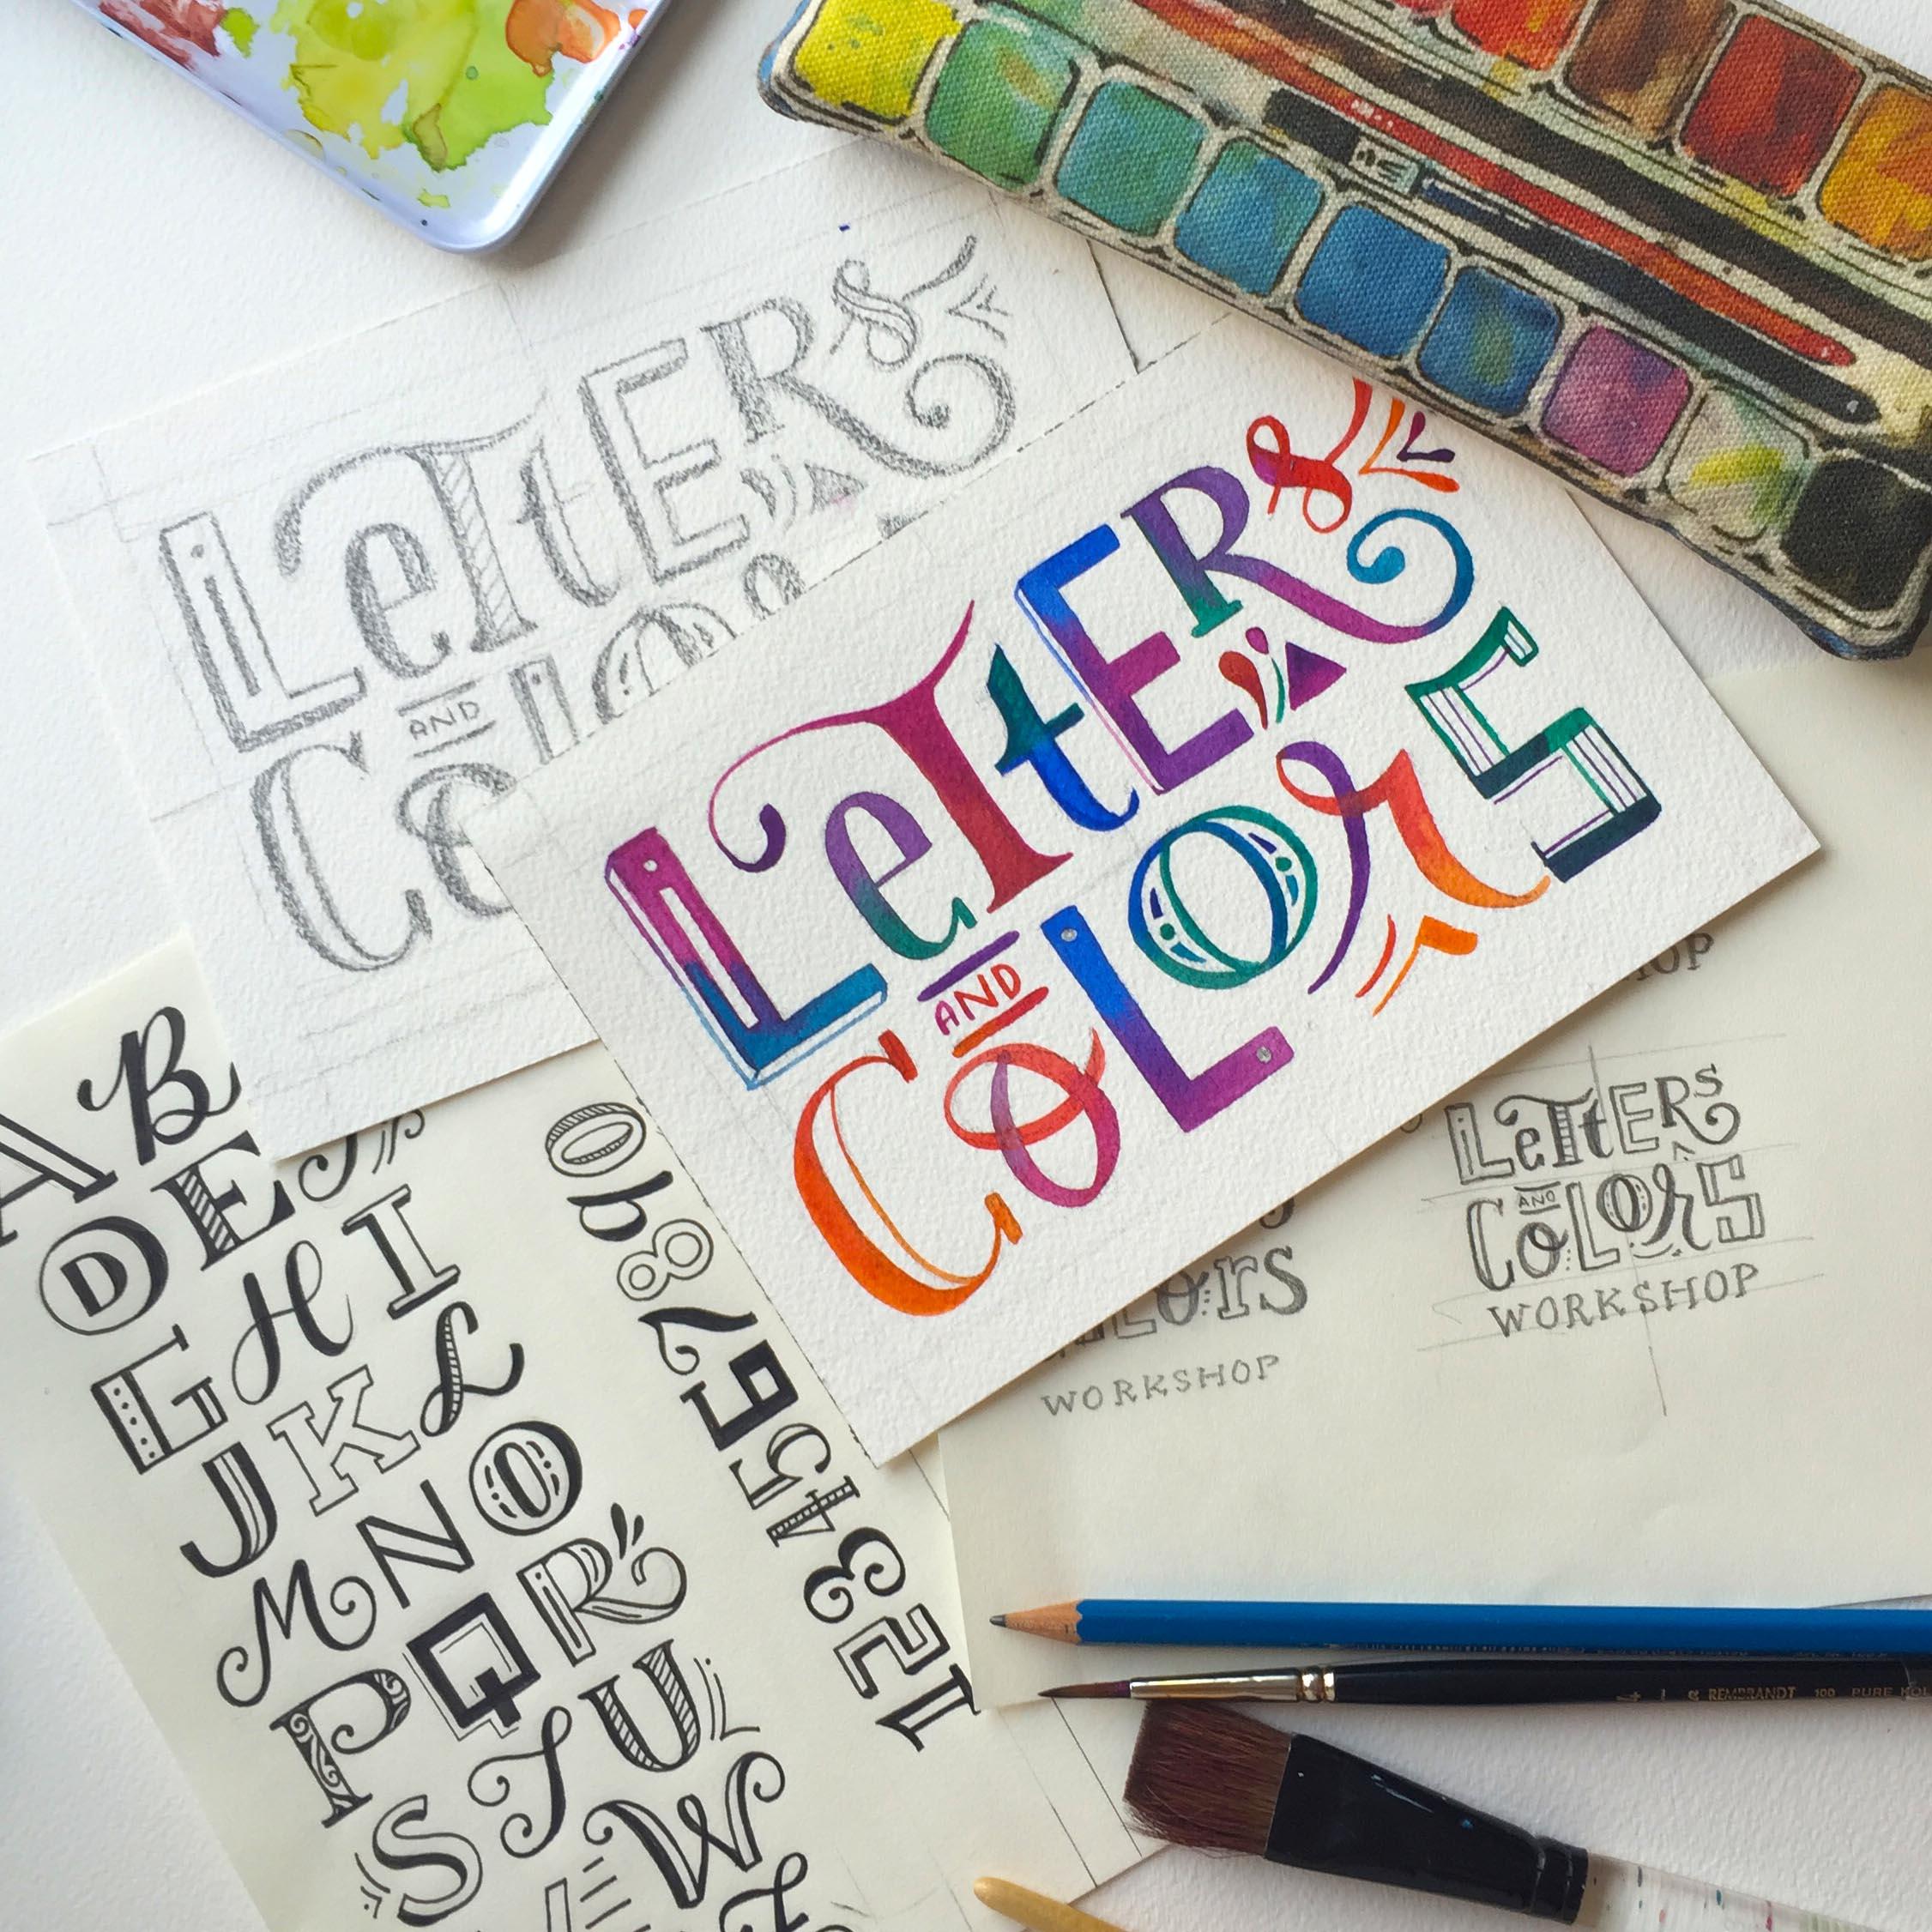 Letters & Colors Workshop & Basic Watercolor Workshop